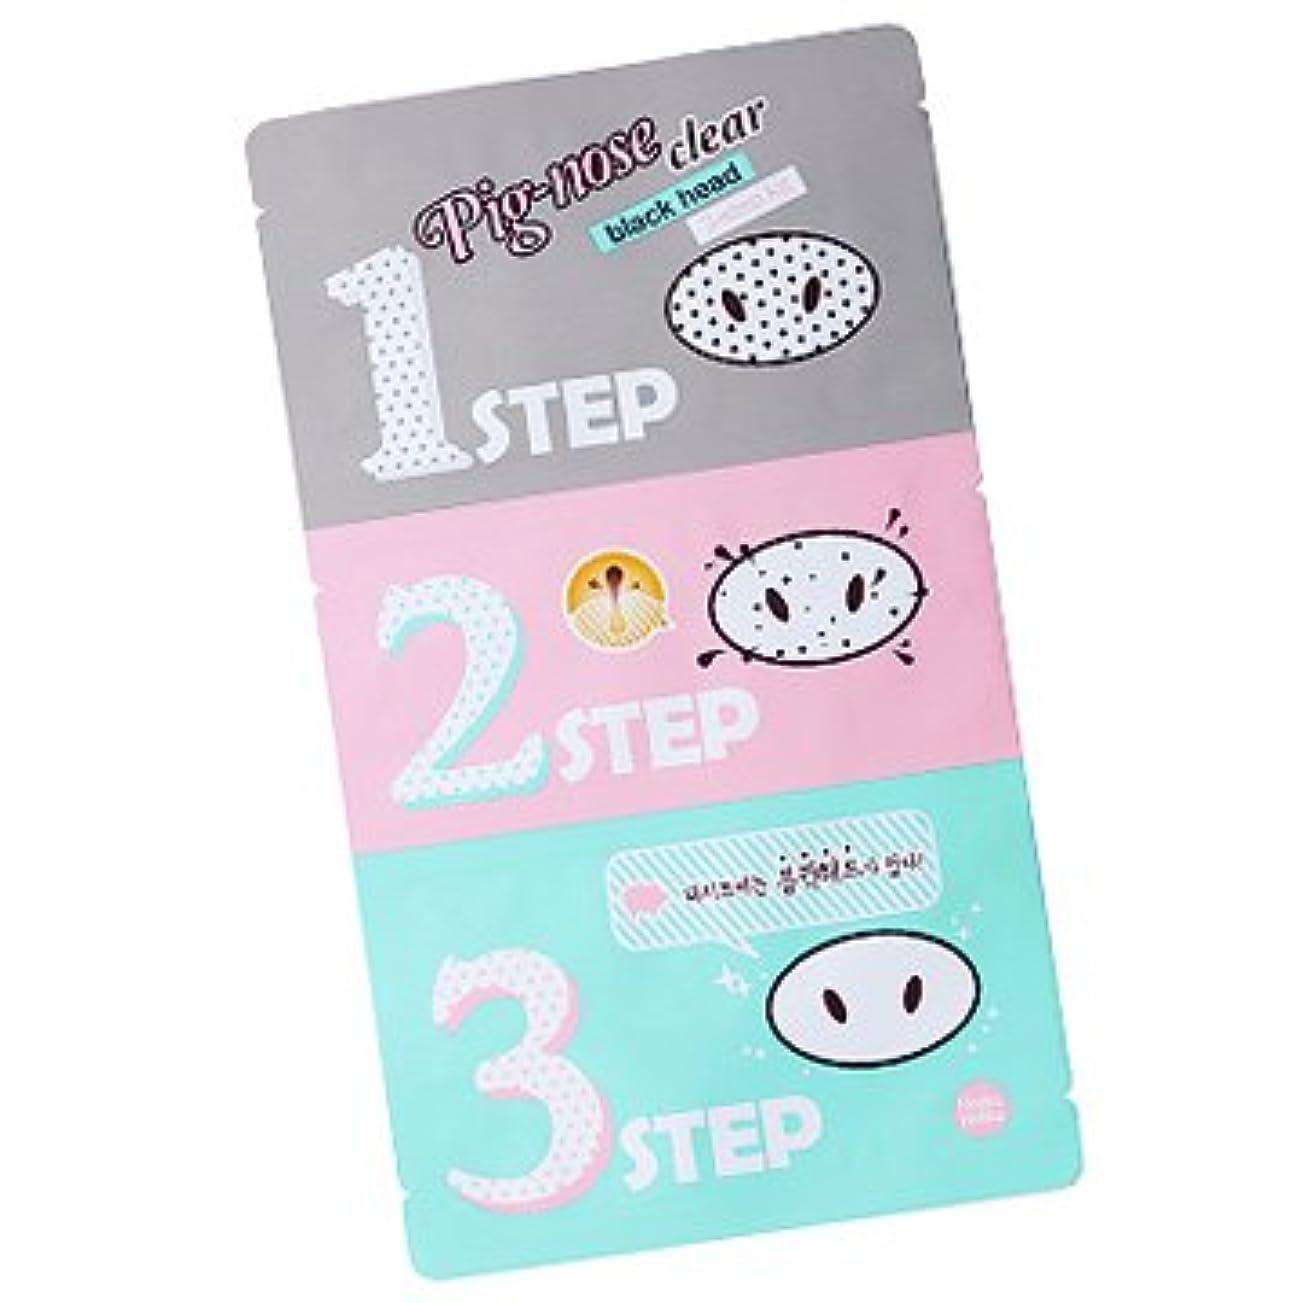 取り壊す不運ベルトHolika Holika Pig Nose Clear Black Head 3-Step Kit 5EA (Nose Pack) ホリカホリカ ピグノーズクリアブラックヘッド3-Stepキット(鼻パック) 5pcs [並行輸入品]